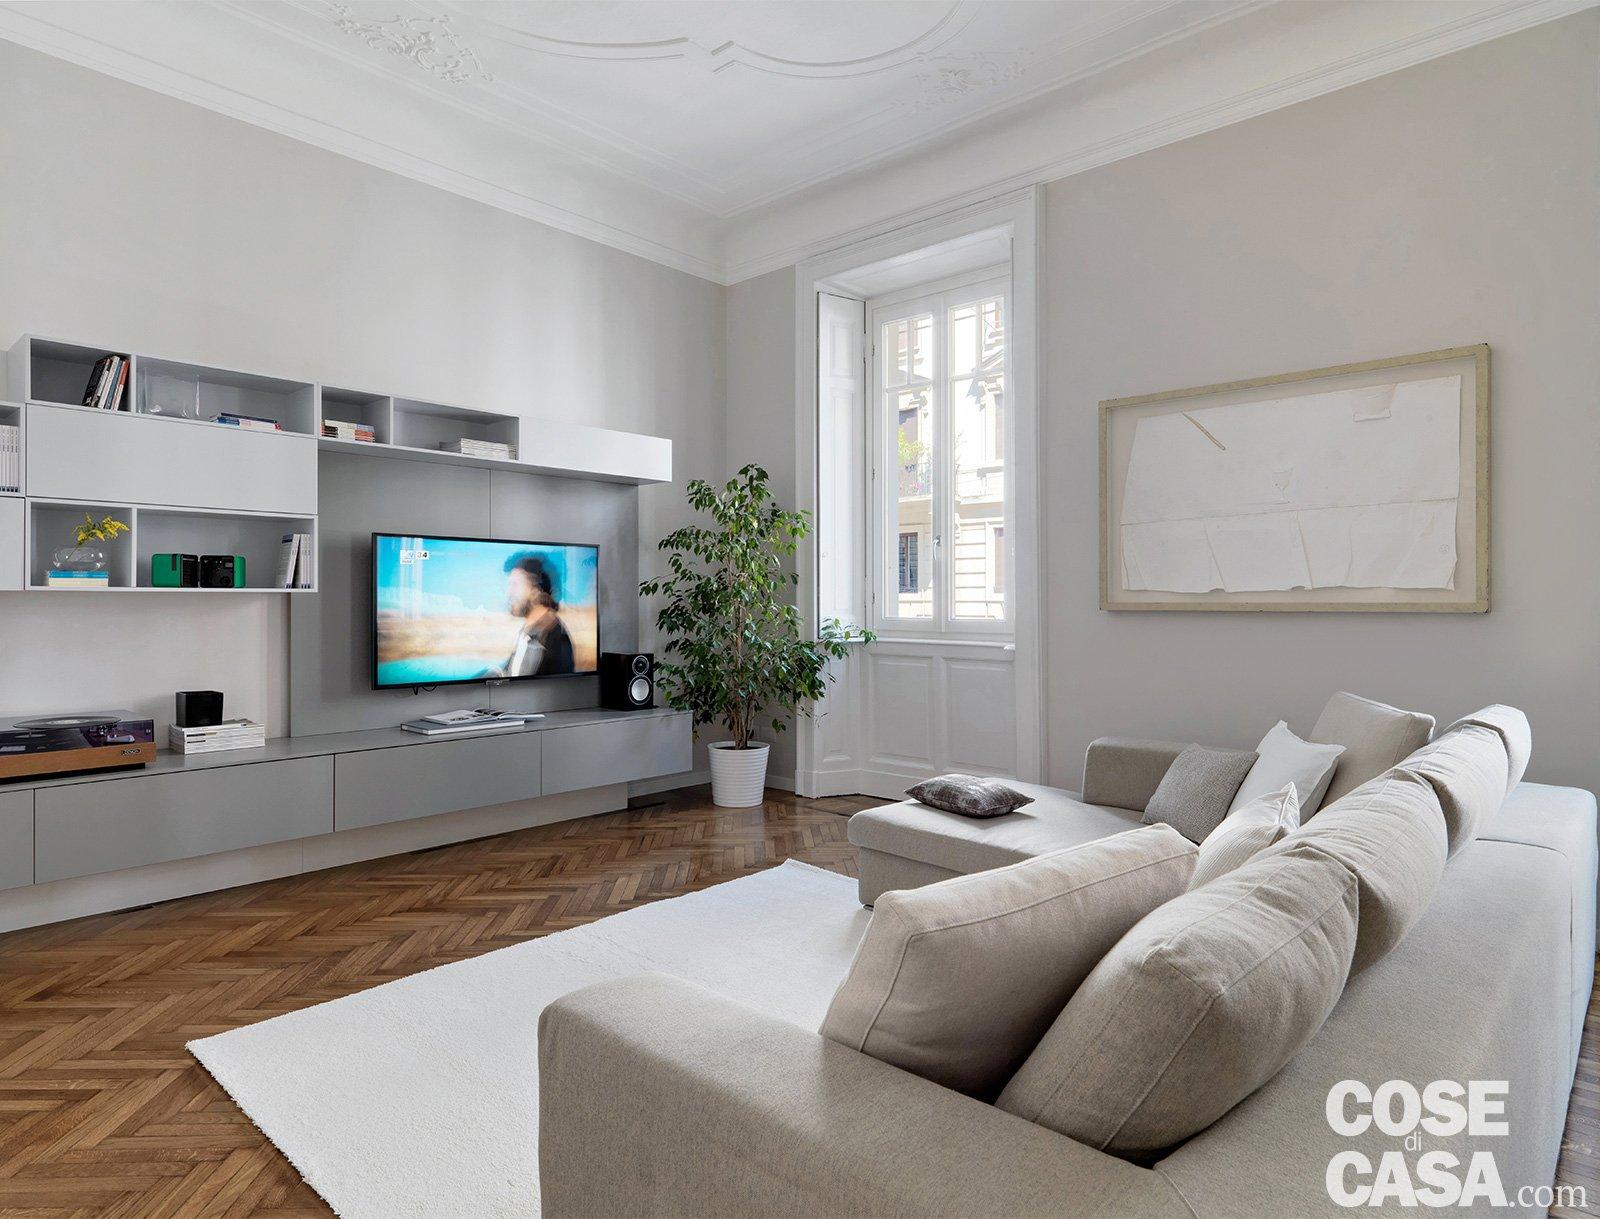 140 mq una casa con pavimenti originari in parquet e for Parete salotto